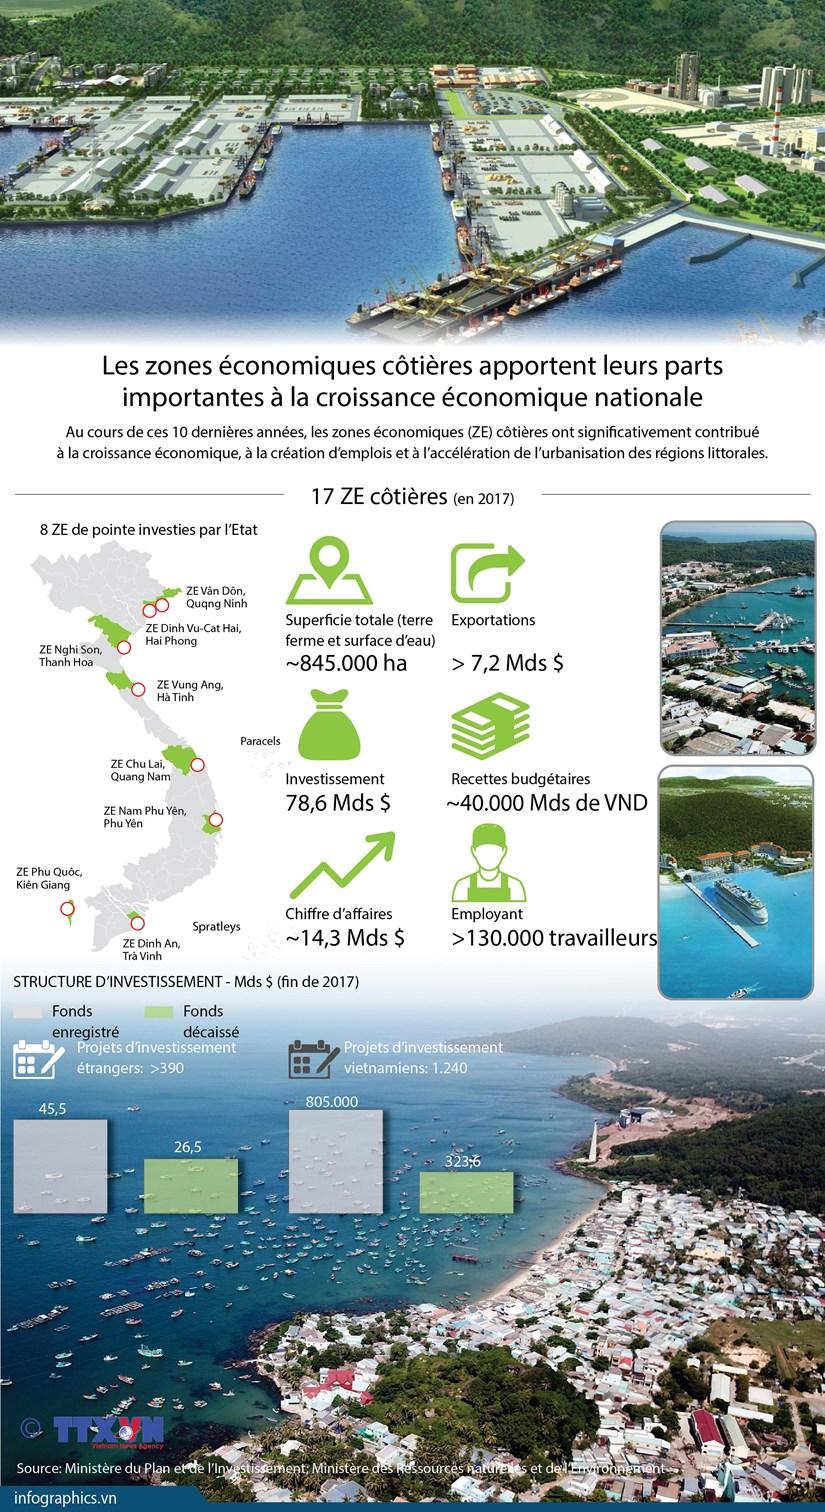 [Infographie] Contributions des ZE cotieres a la croissance economique nationale hinh anh 1